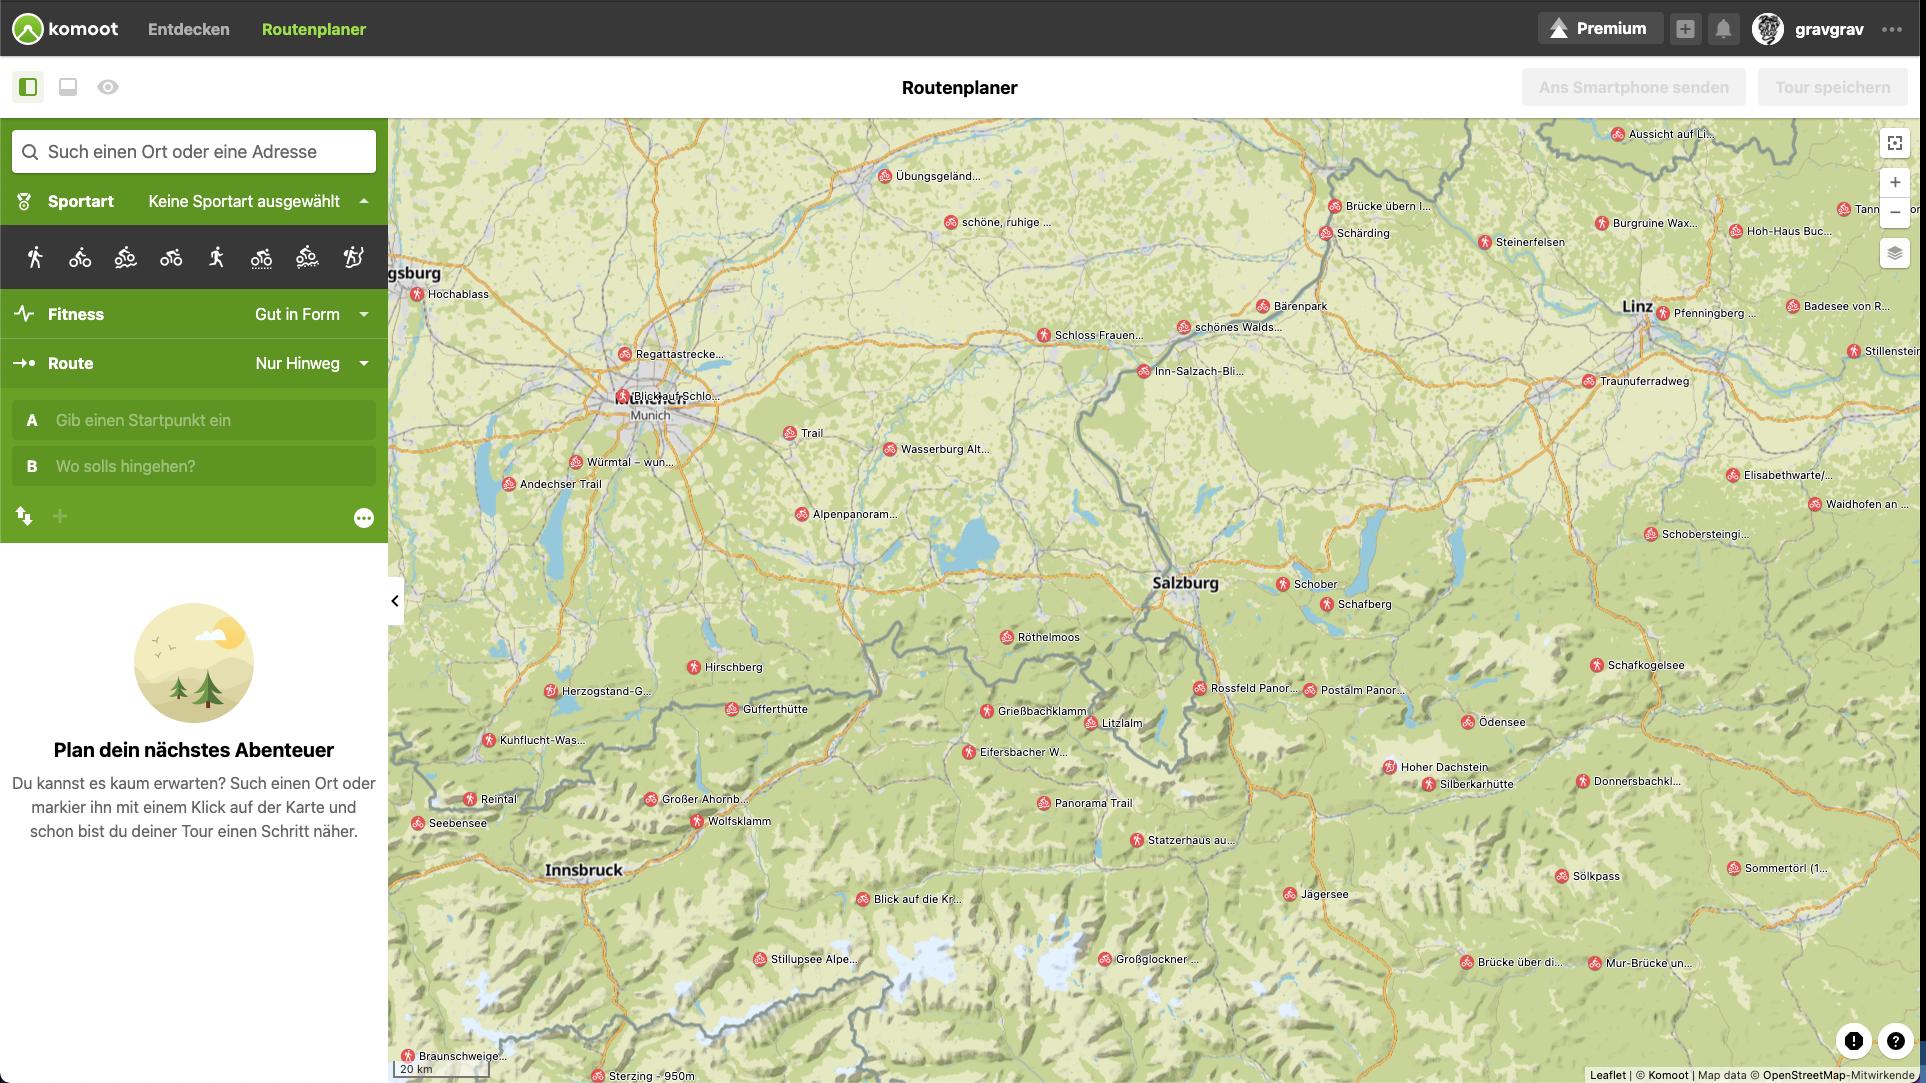 Screenshot 2021-05-13 at 22.35.00.png